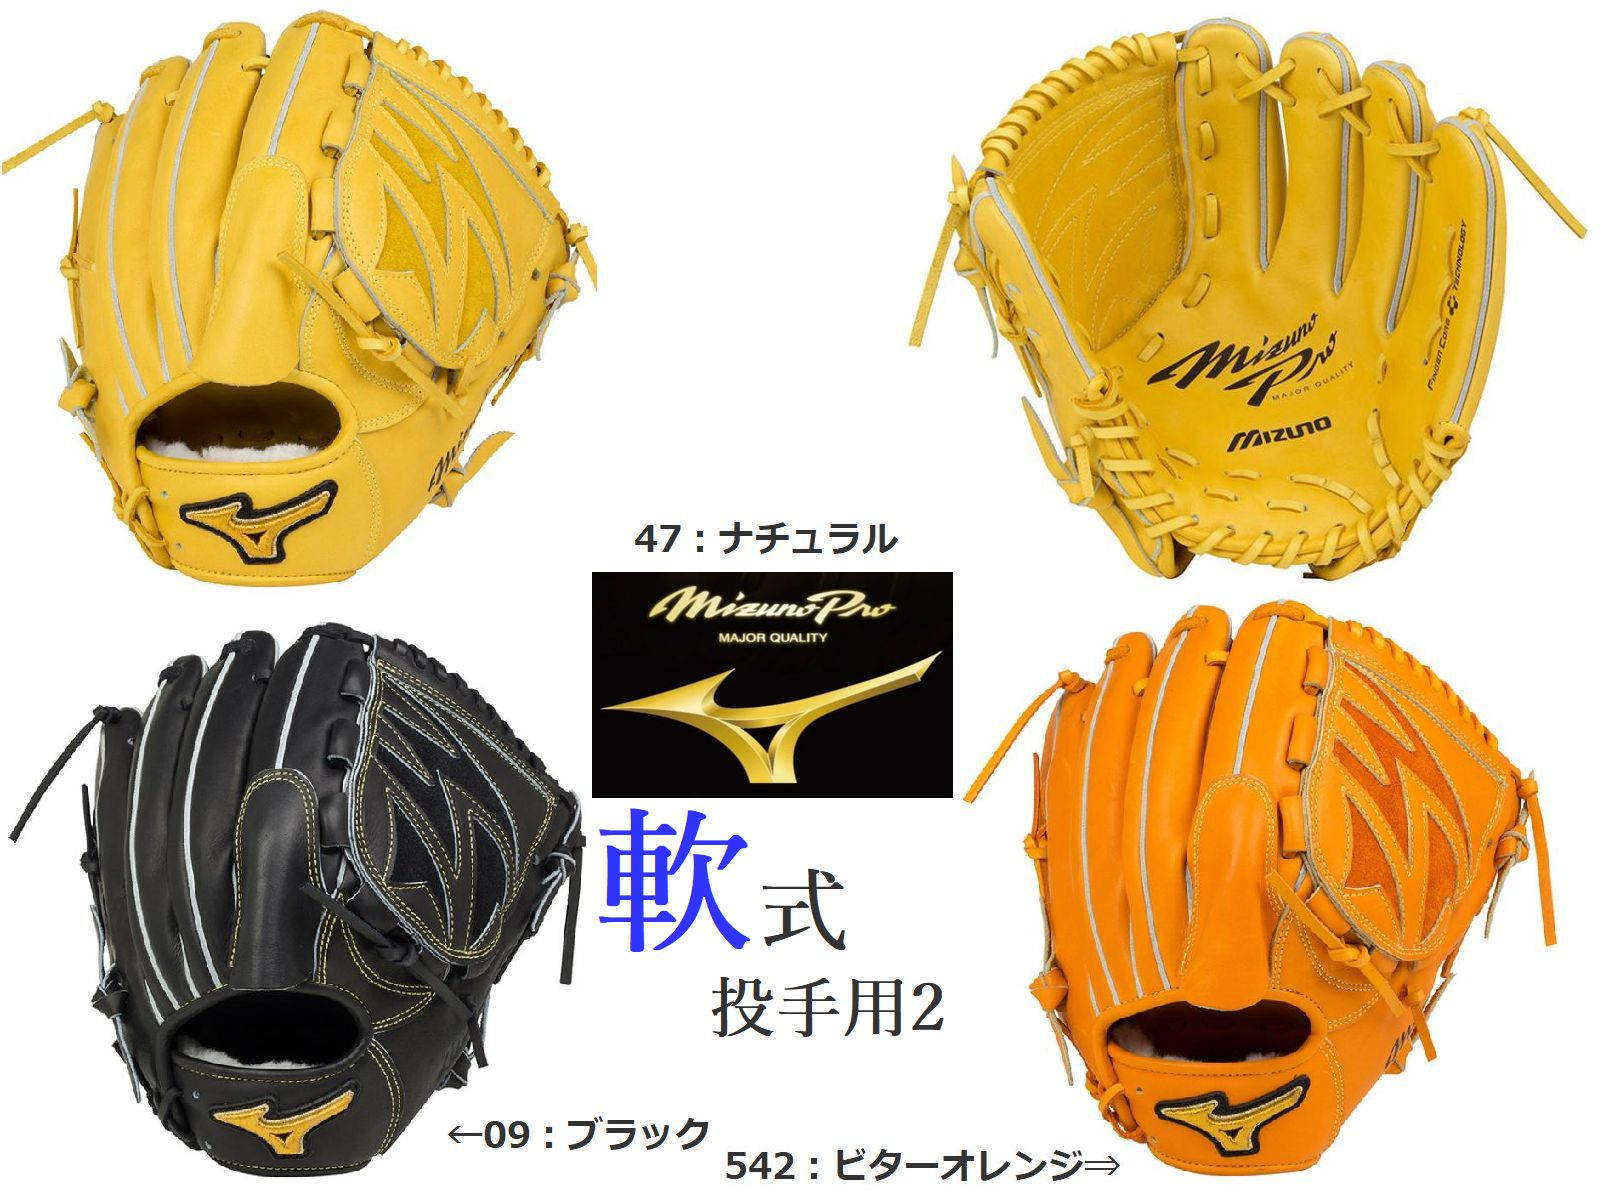 お取り寄せ品【Mizuno PRO=ミズノプロ】野球 一般 軟式用 グラブ グローブ<フィンガーコアテクノロジー【投手用2(タイト設計タイプ[ヨコ型タイプ]】(サイズ:10/カラーは3色/右投用)中学軟式野球 草野球 BASEBALL ベースボール GLOVE